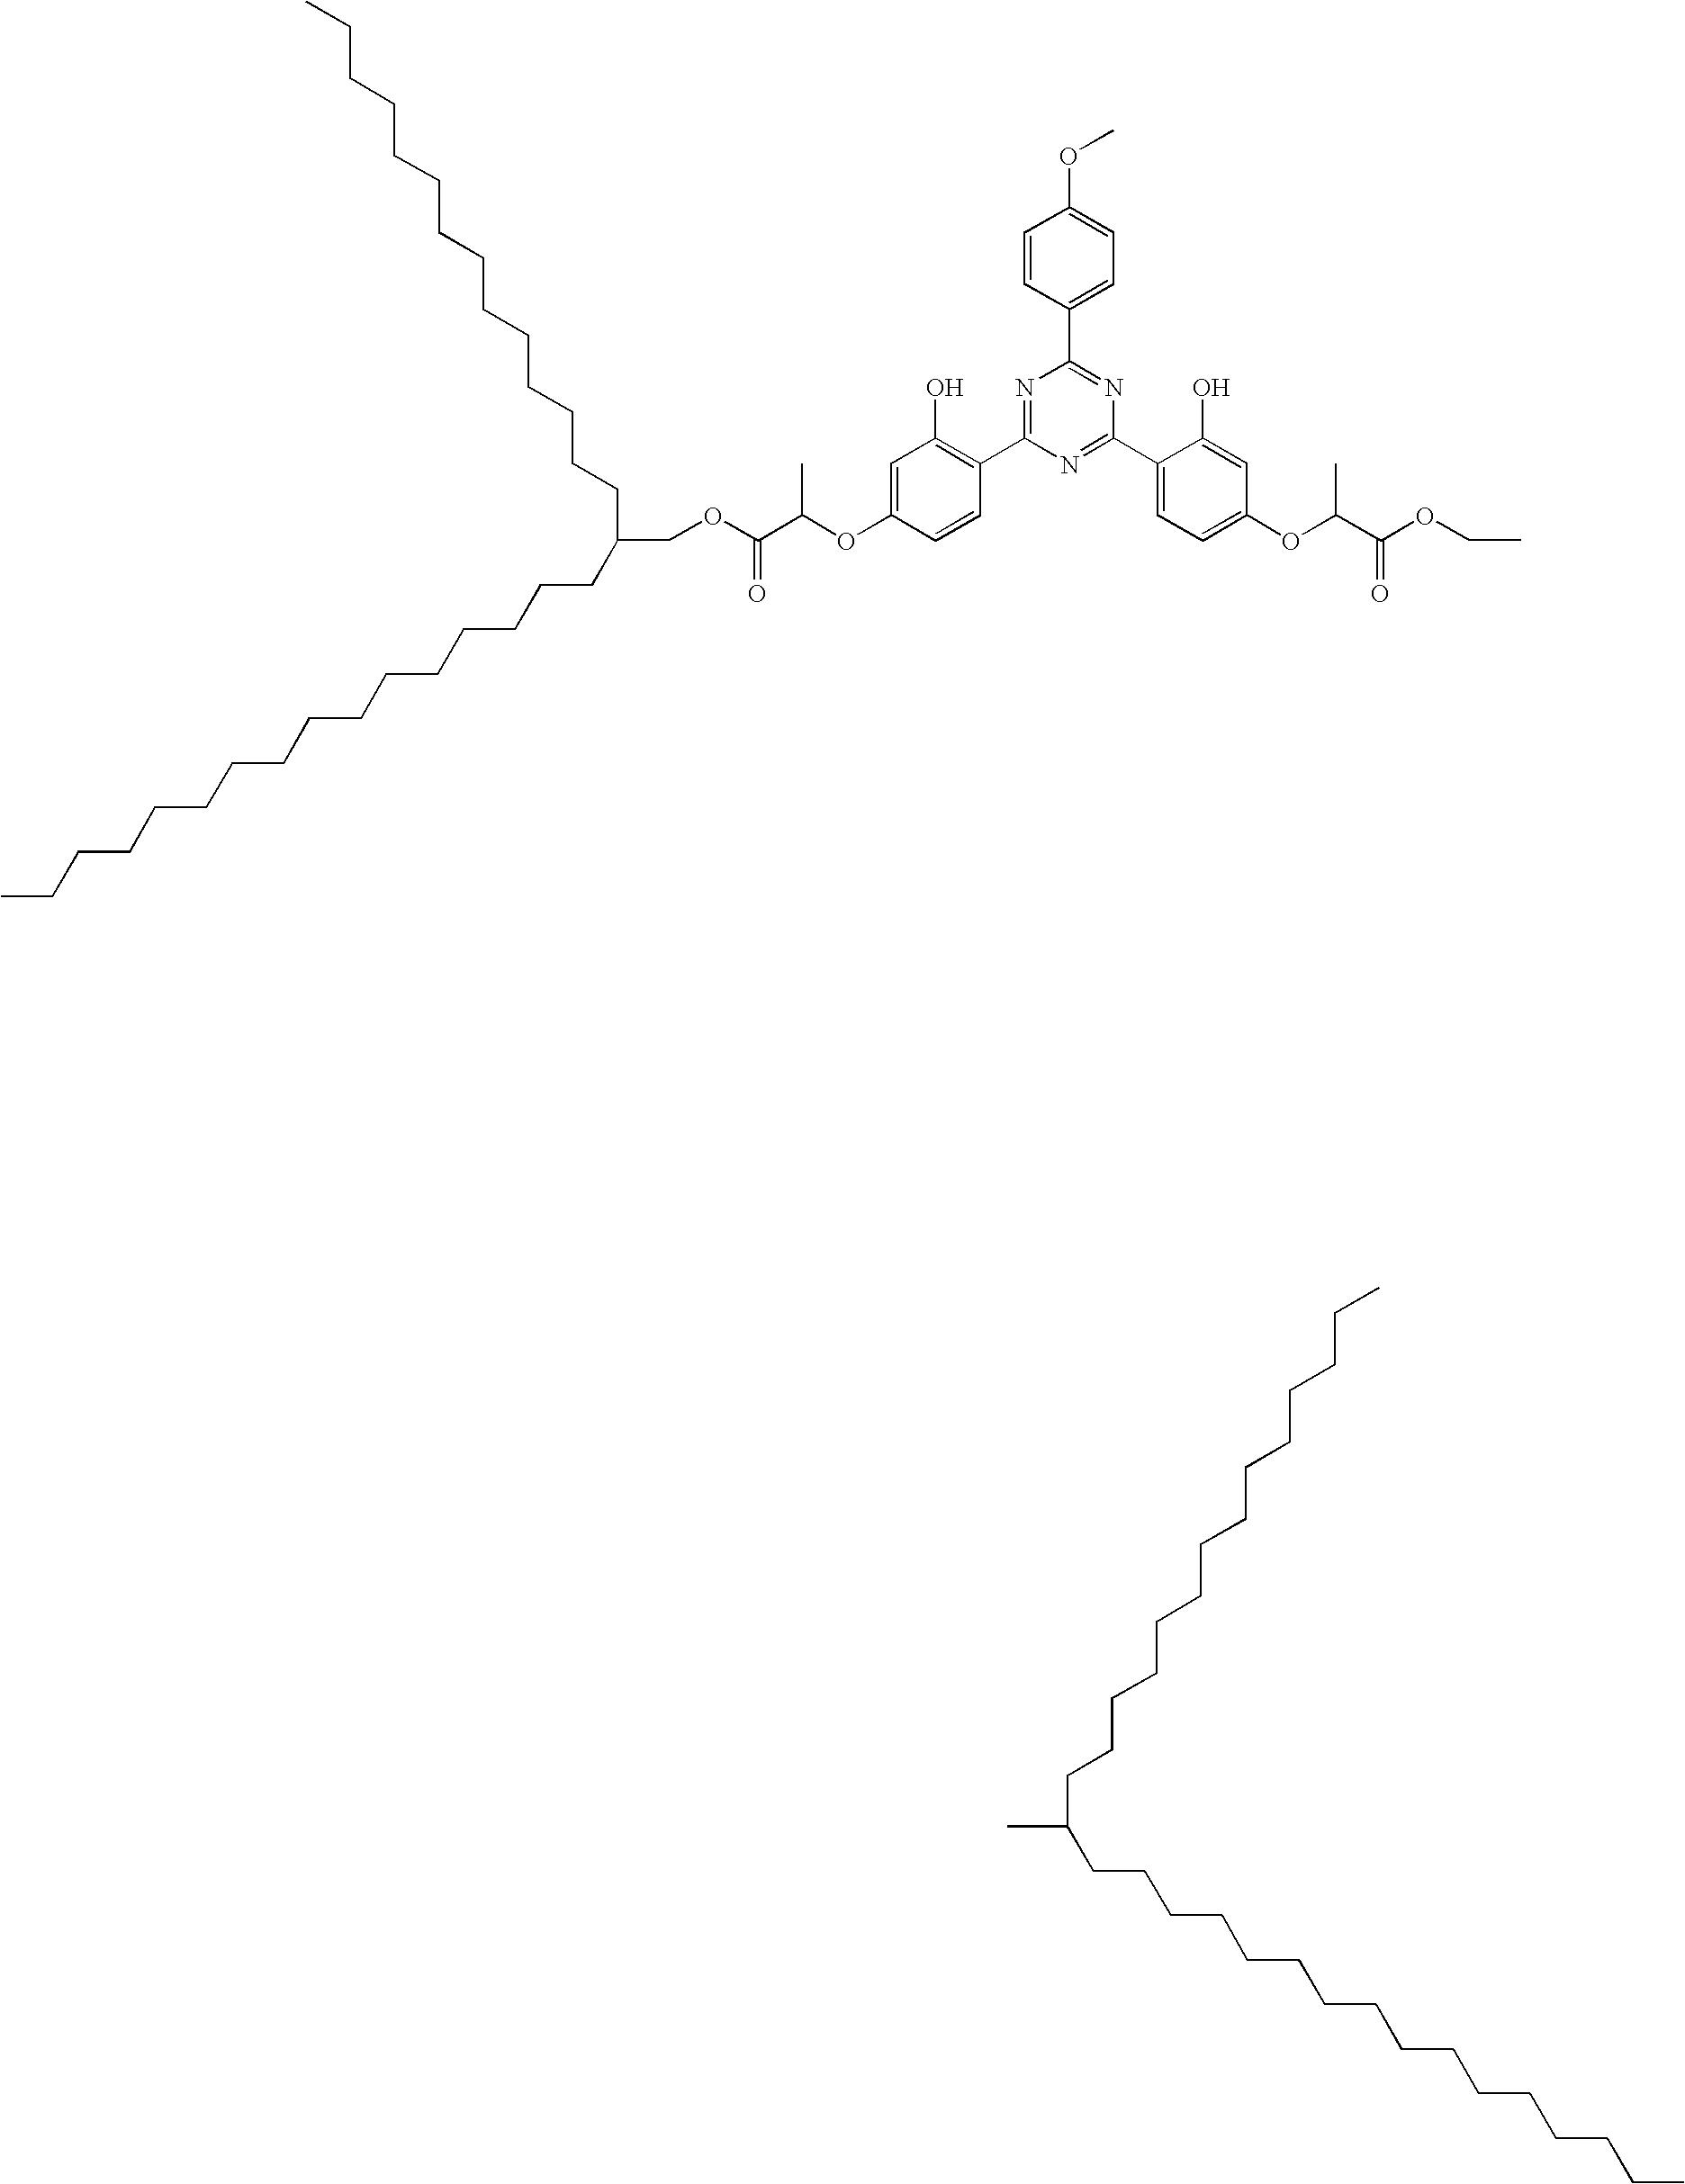 Figure US07294714-20071113-C00024